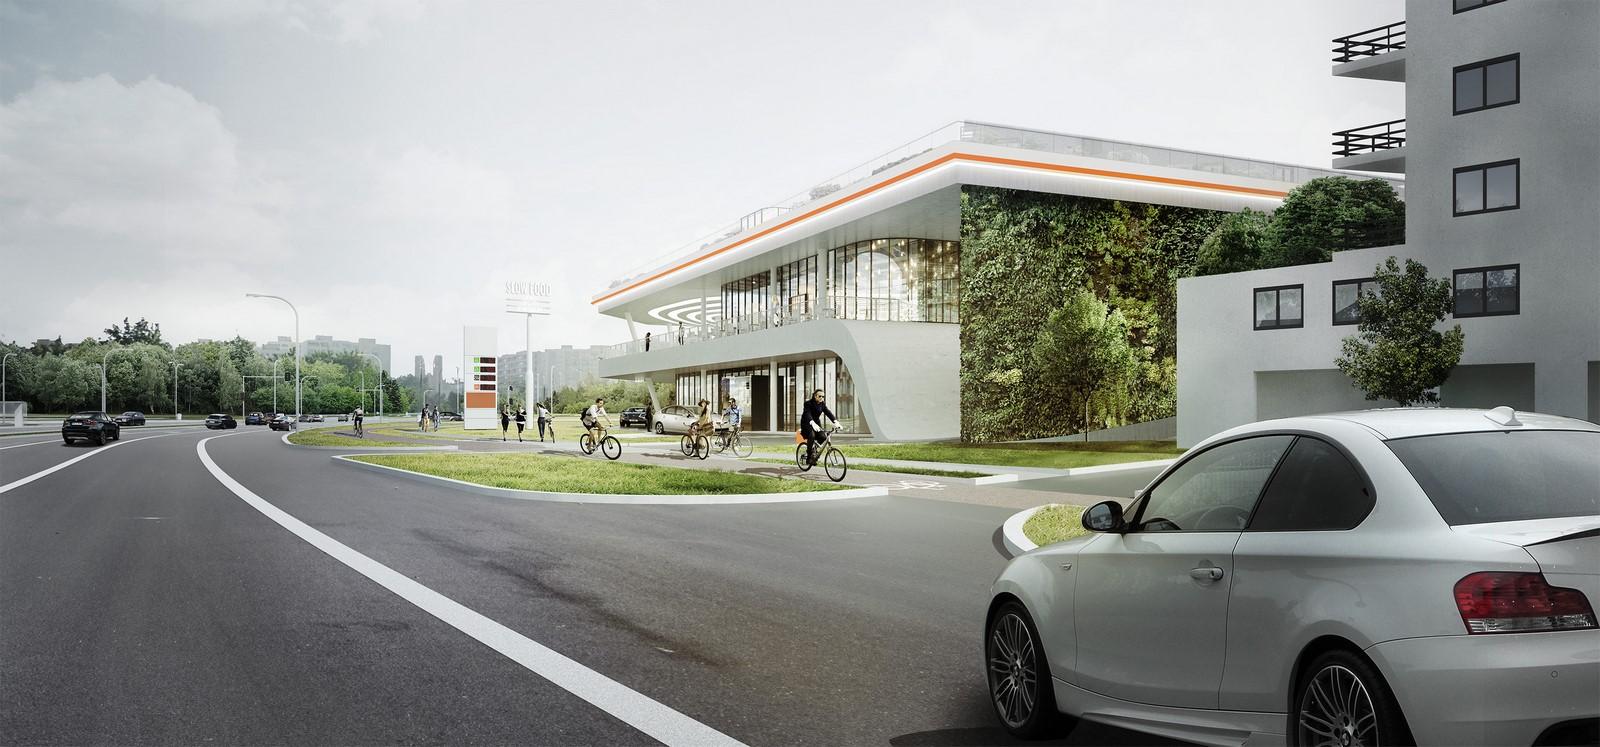 Filling Station by KAMJZ Architects: Innovative Future Project - Sheet10